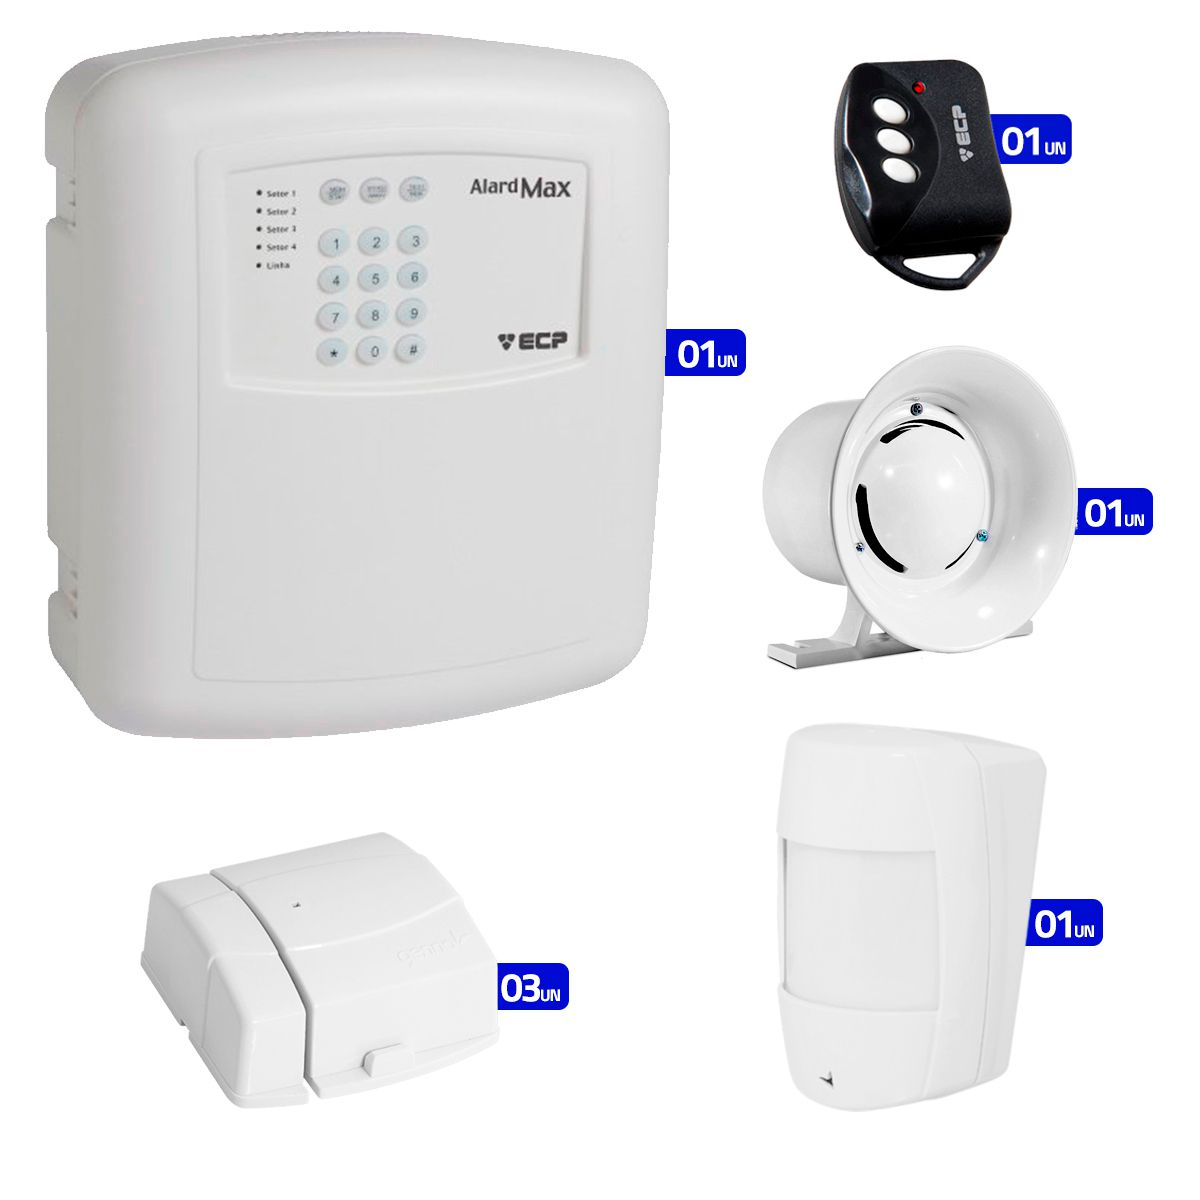 Kit de Alarme Residencial, Comercial com 04 Sensores sem fio ECP + 01 Controle Remoto, aviso de disparo por Telefone  - Tudo Forte